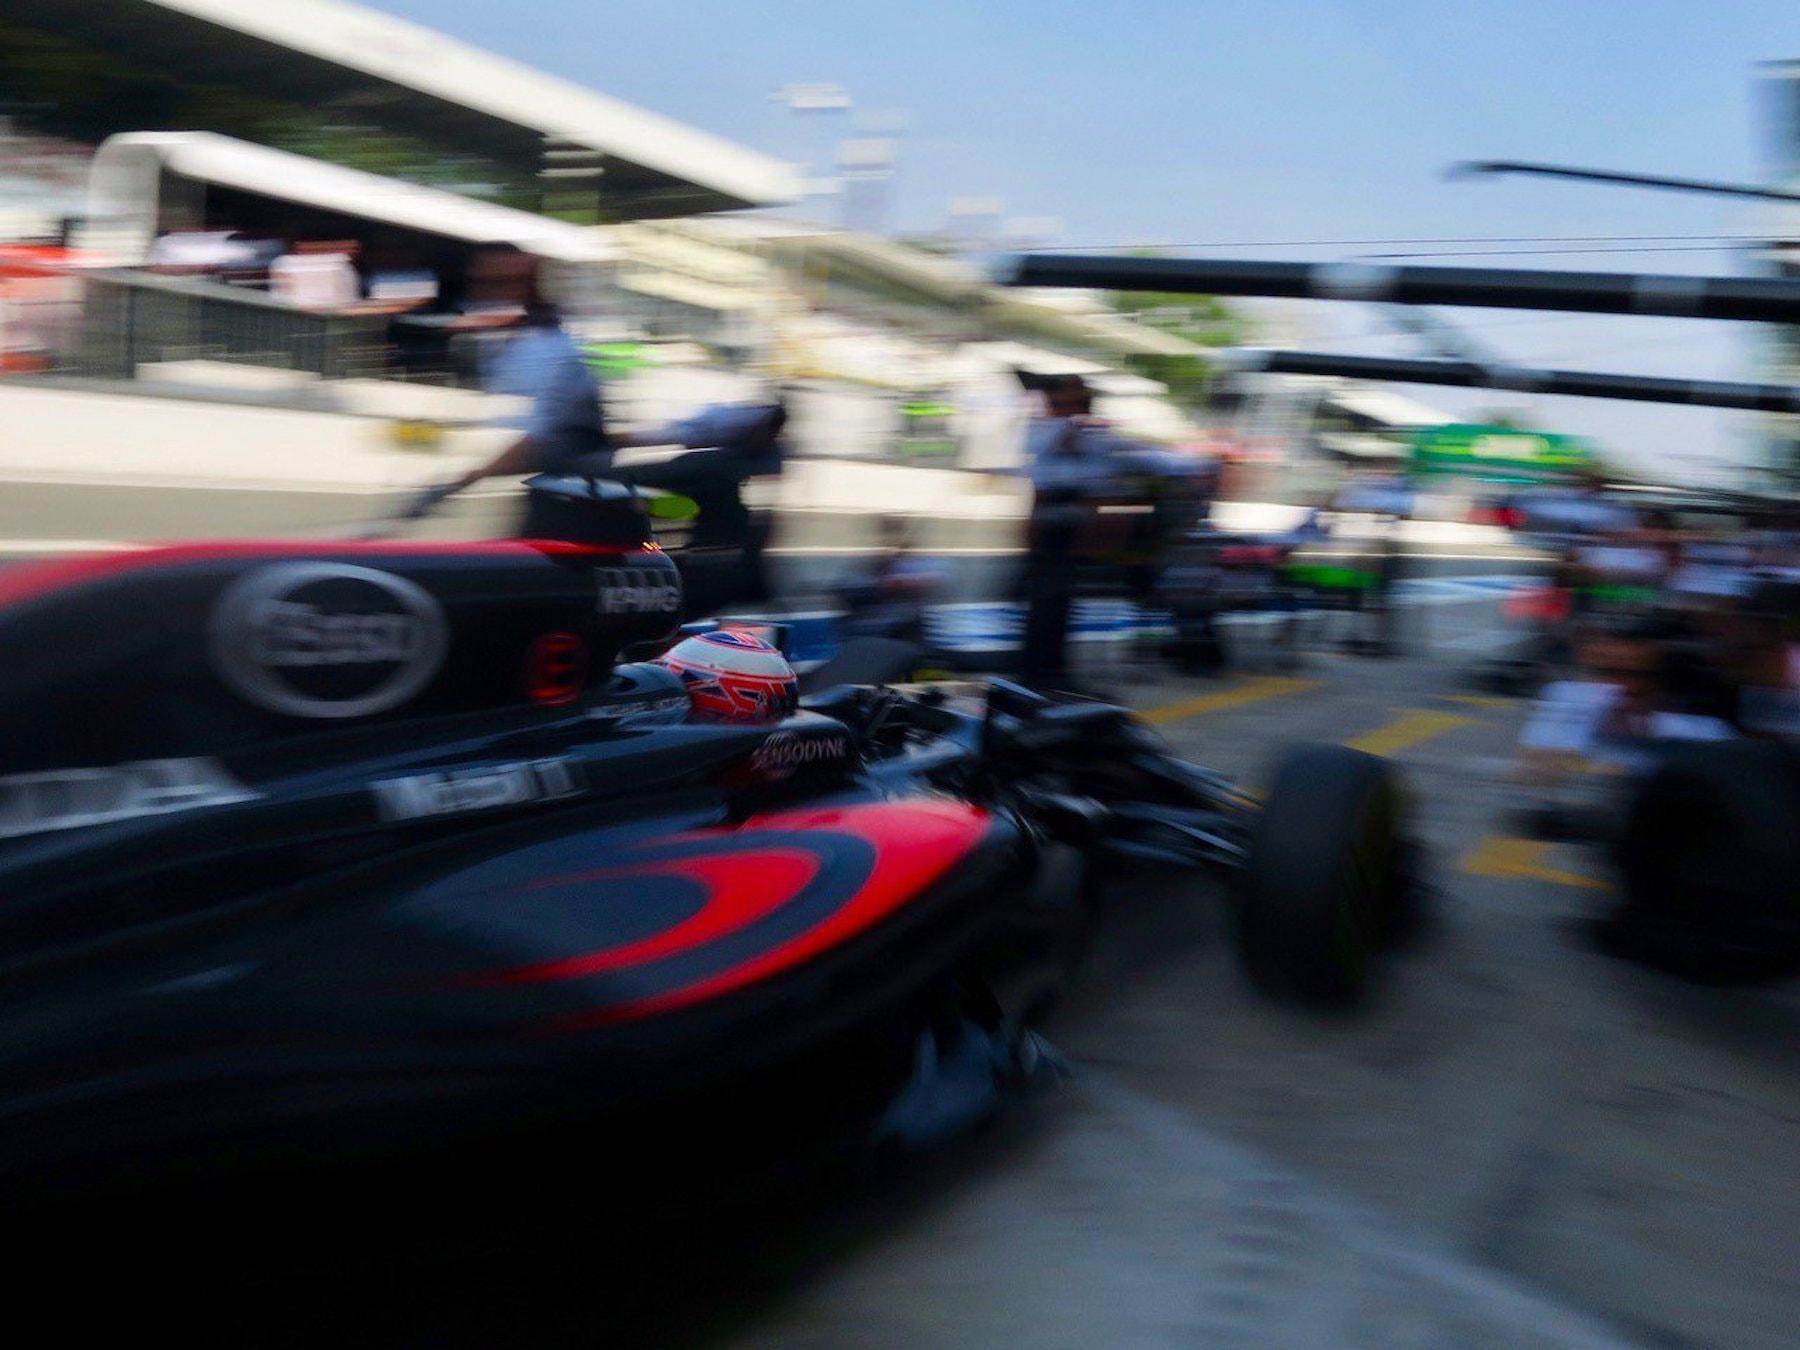 Salracing - McLaren pitstop practice